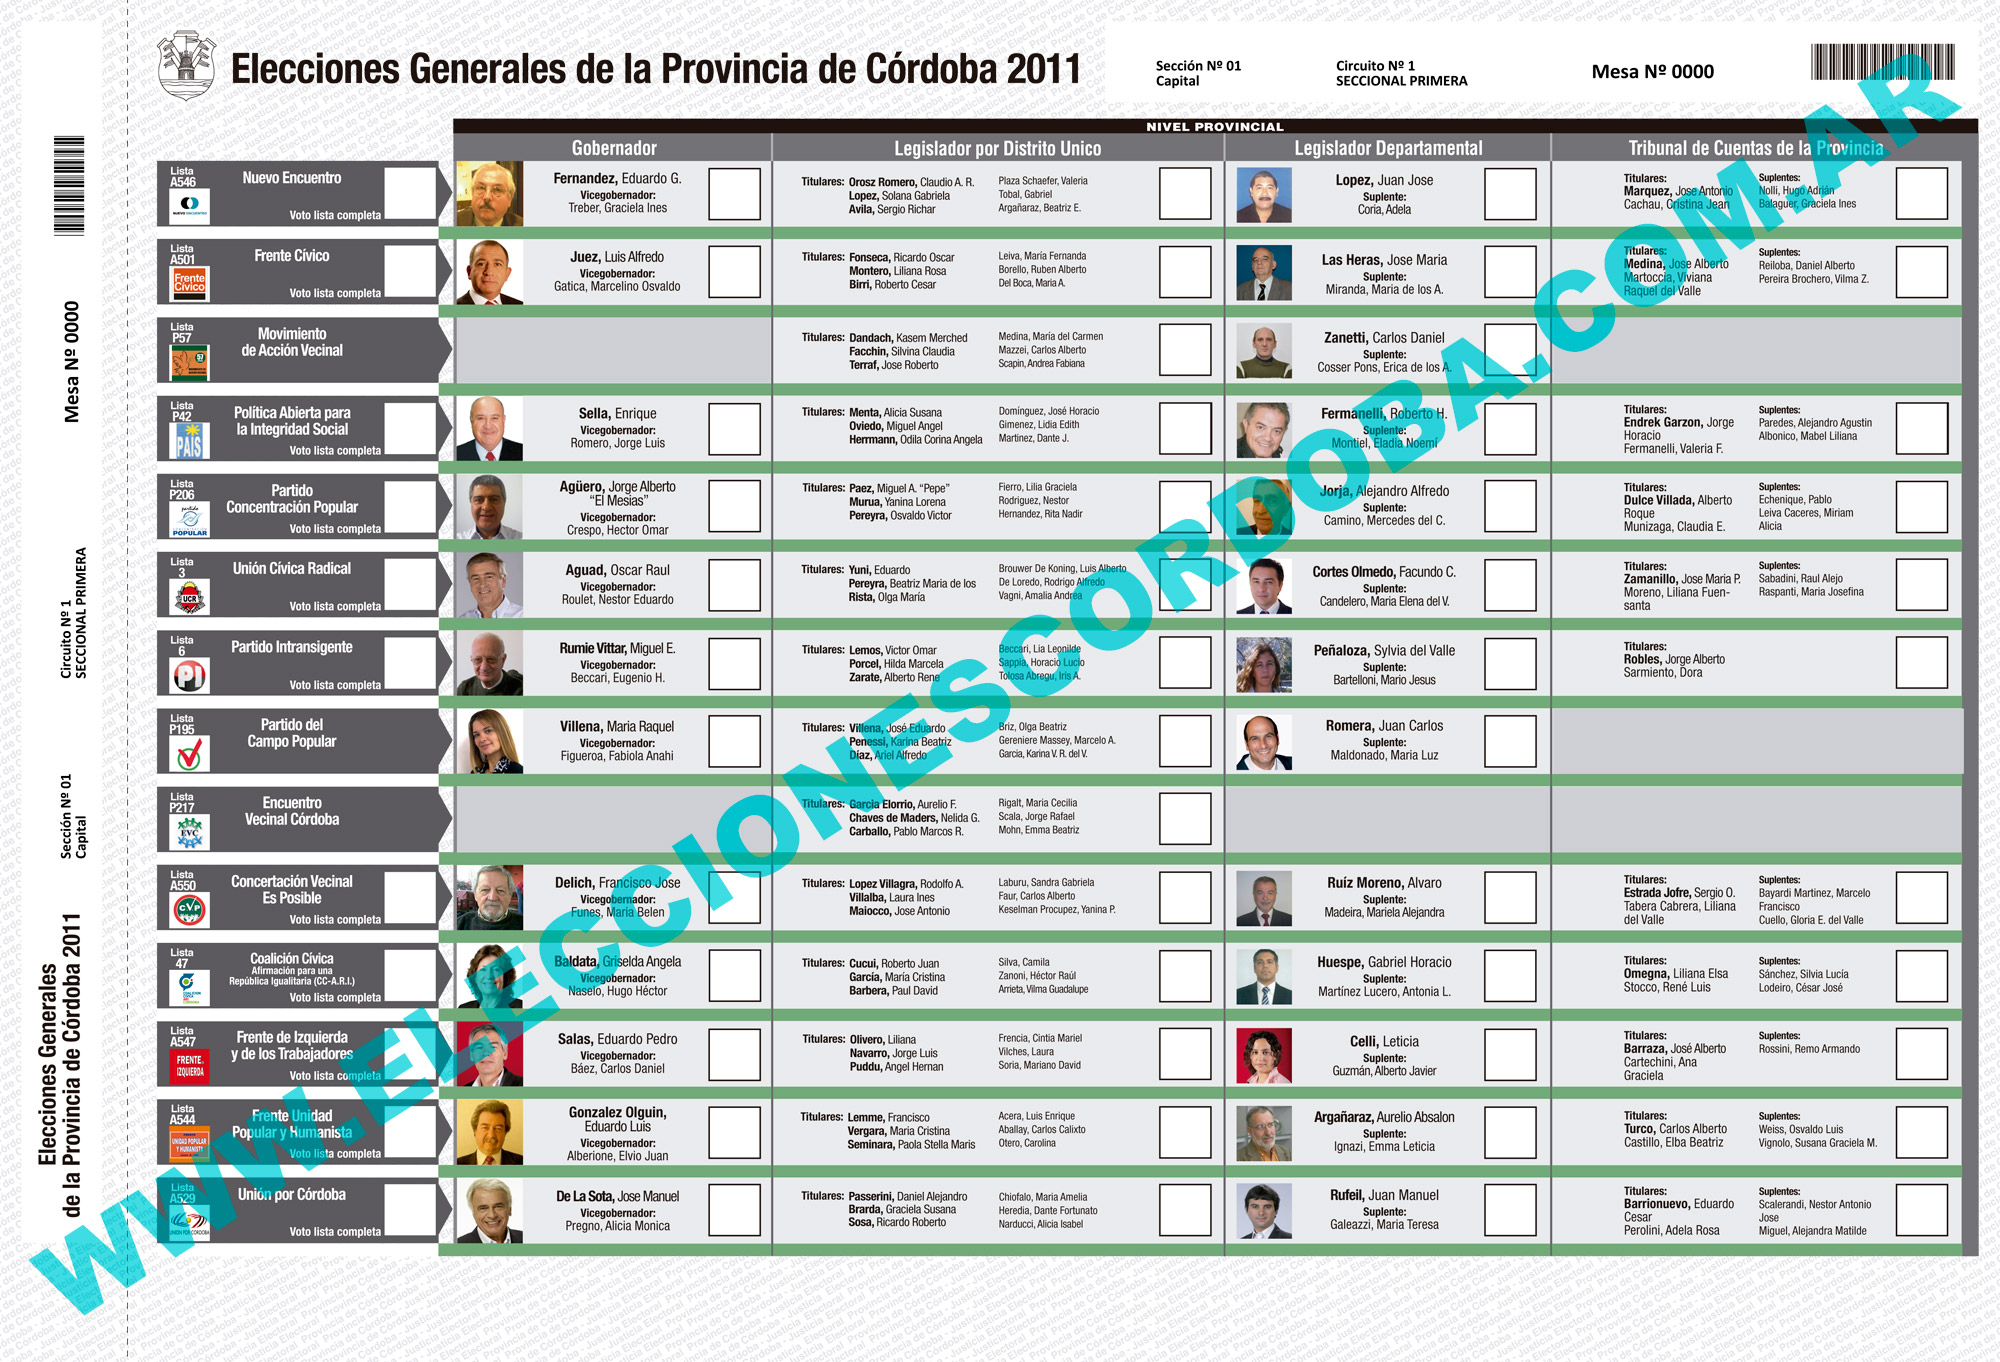 Elecciones Córdoba: ¿Donde voto? ¿Cómo voto?